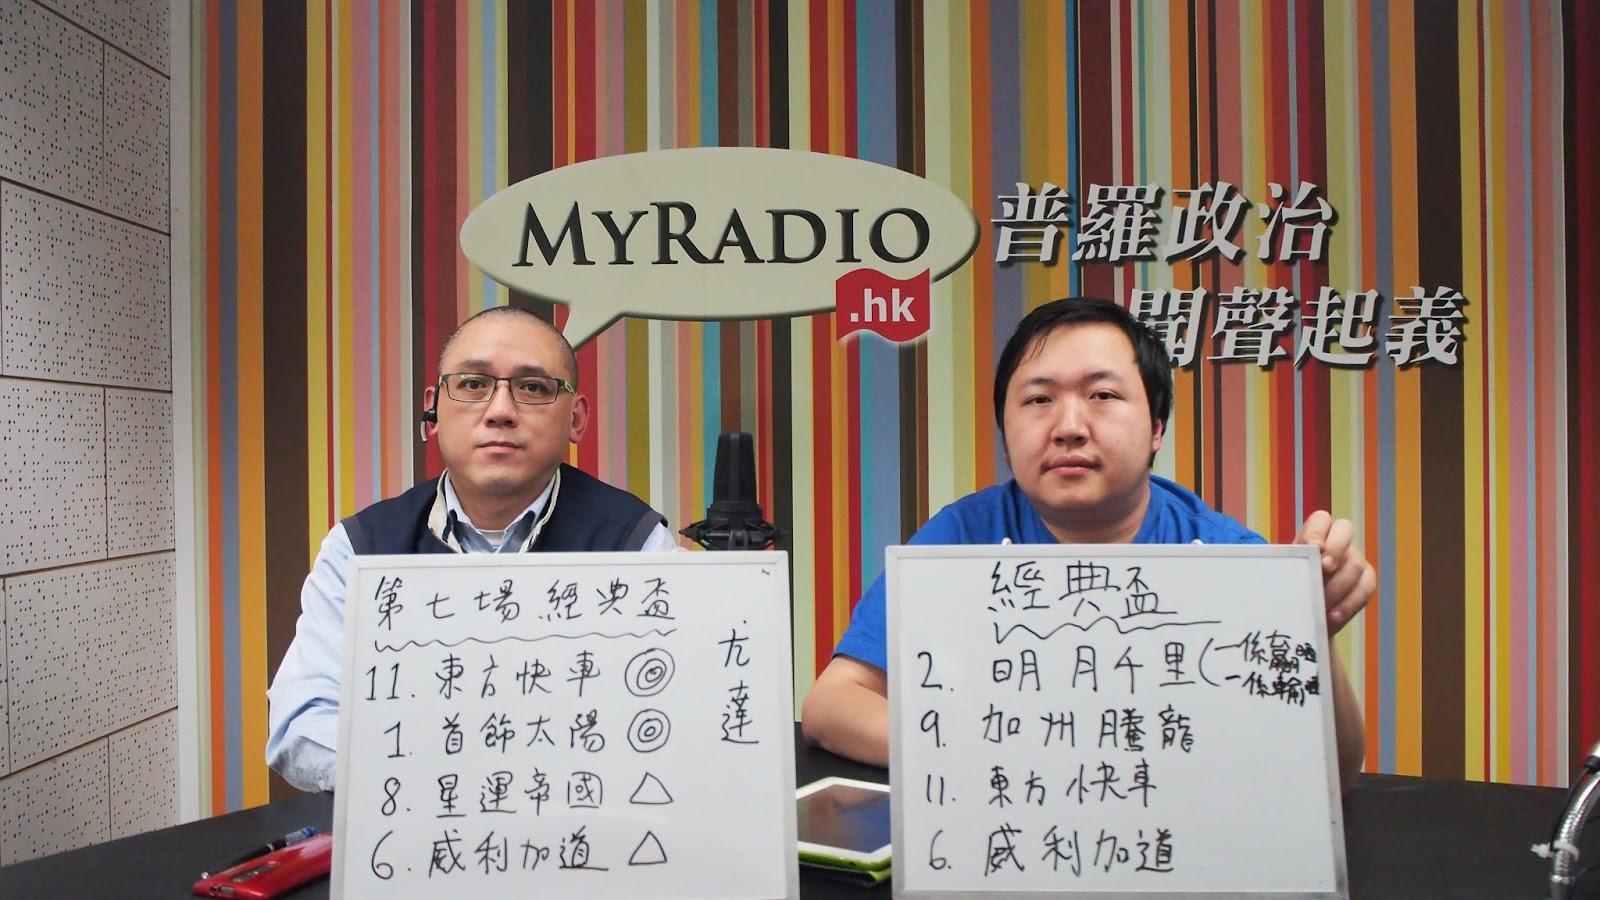 MyRadio.HK 臺務網誌: 馬場USB 160220 ep23